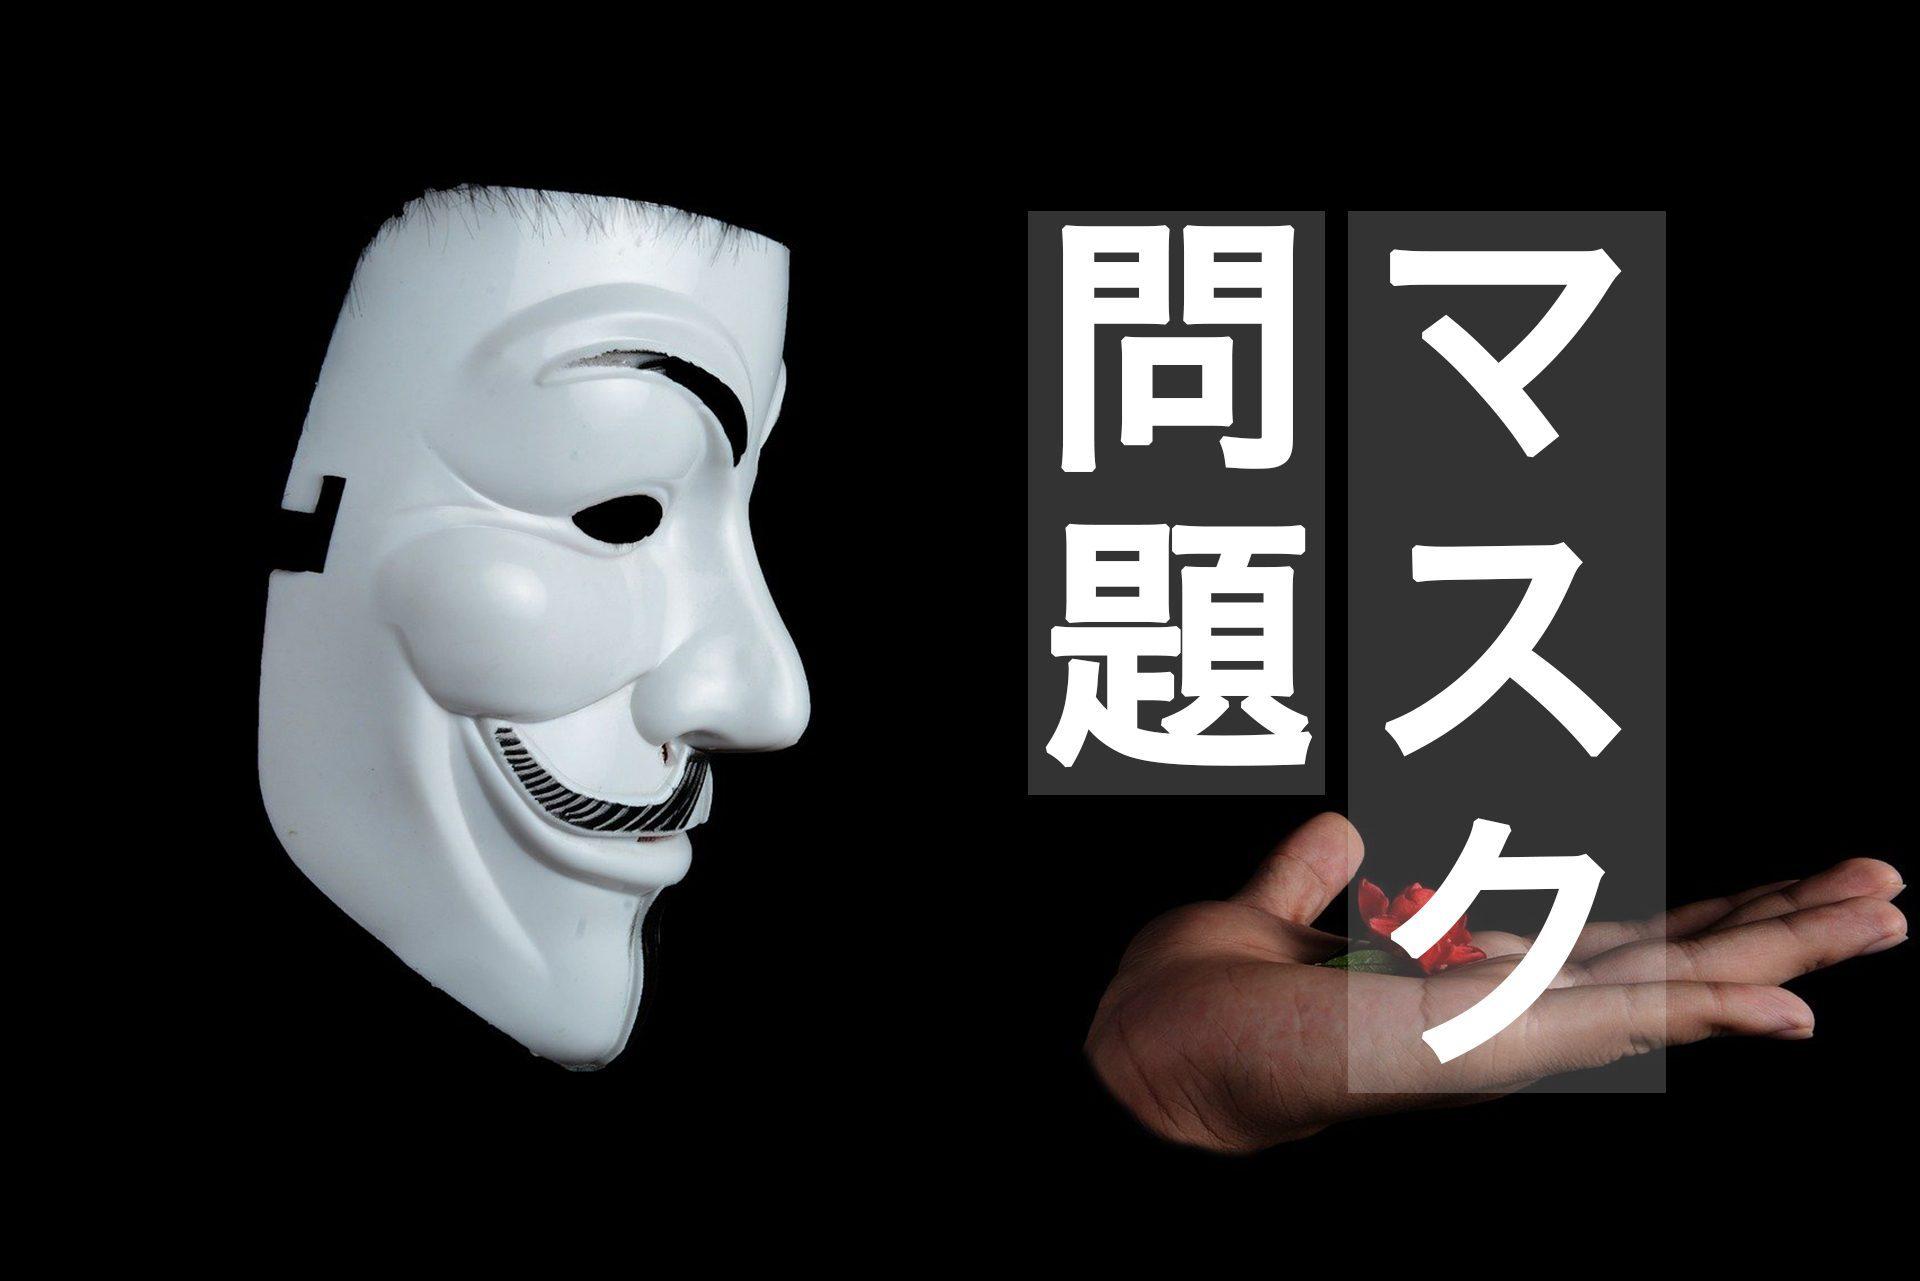 経済産業省は、公式Webサイト上に最新のマスク情報をお知らせするページを作ったようです。